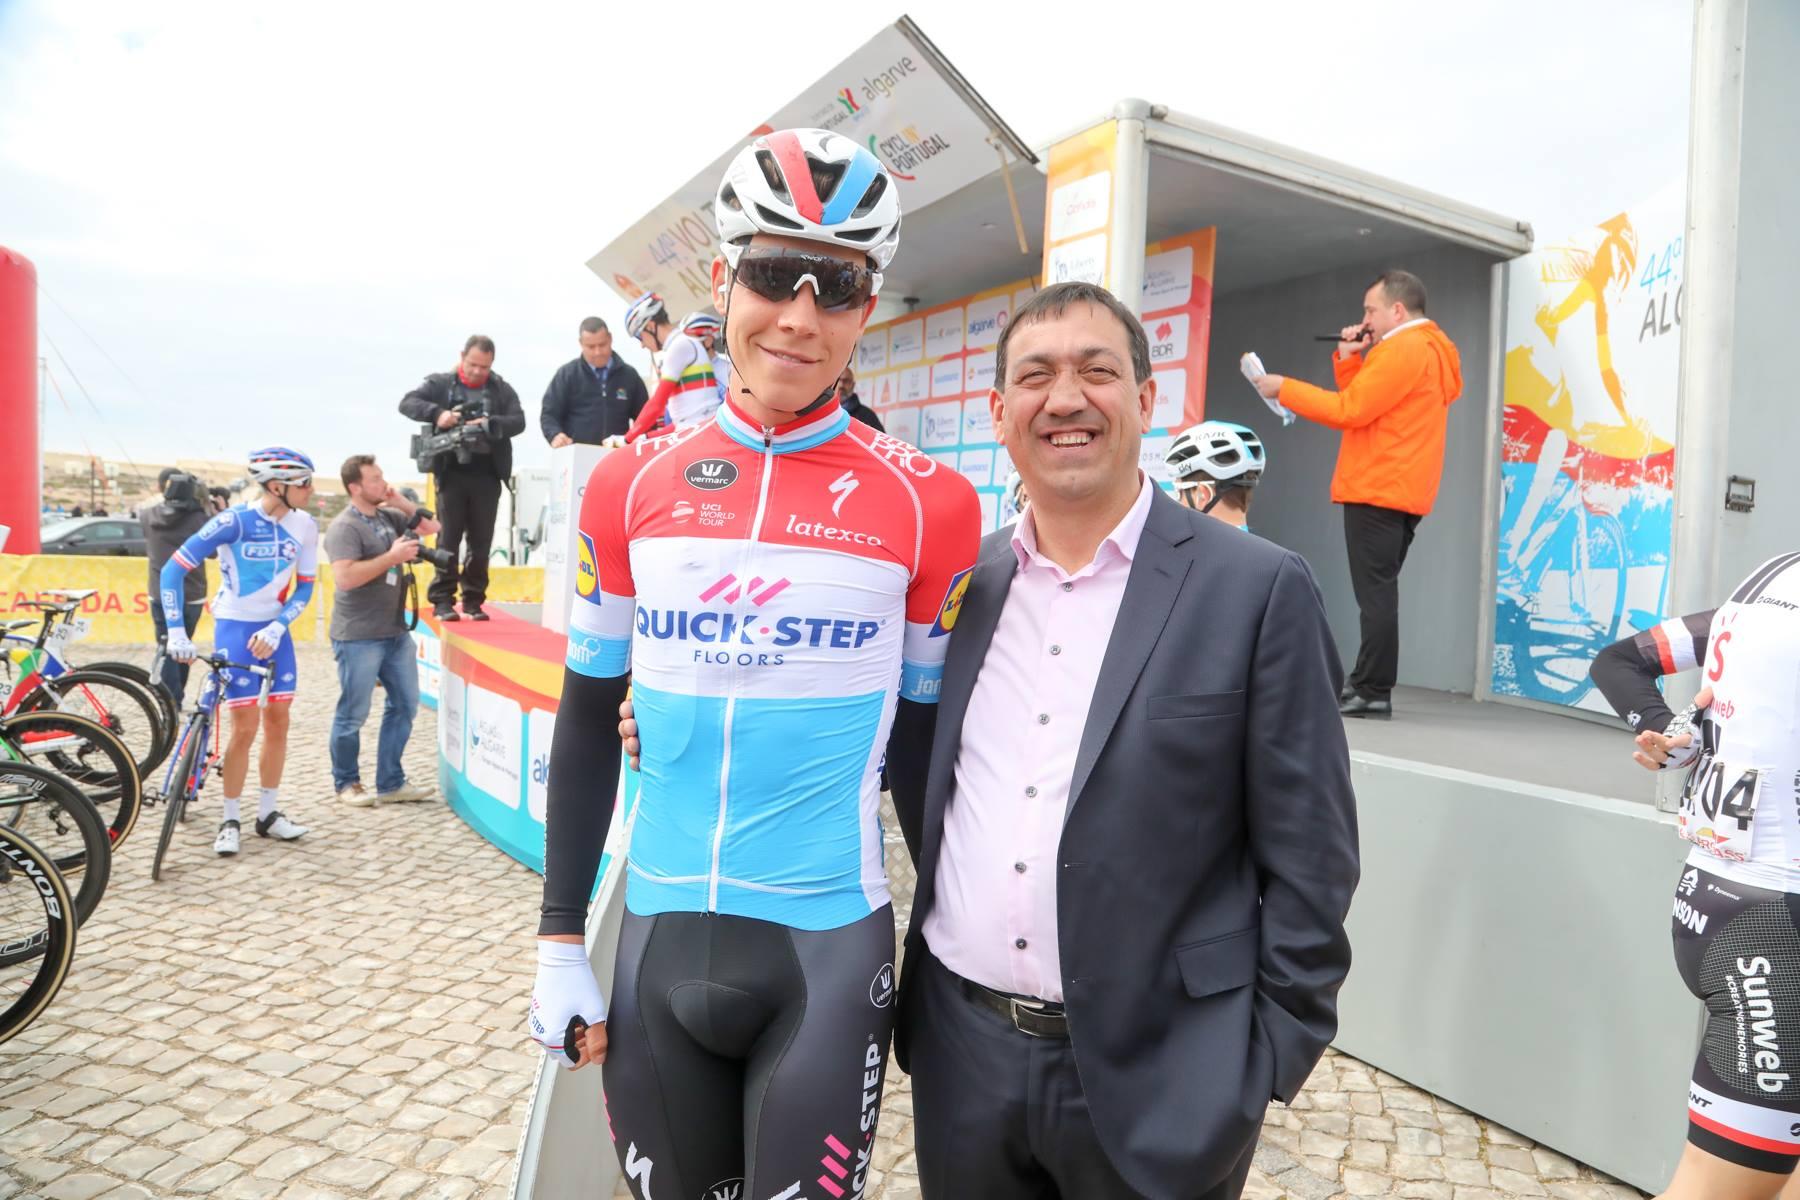 Михал Квятковский одержал победу на втором этапе велогонки «Вольта Алгарви»